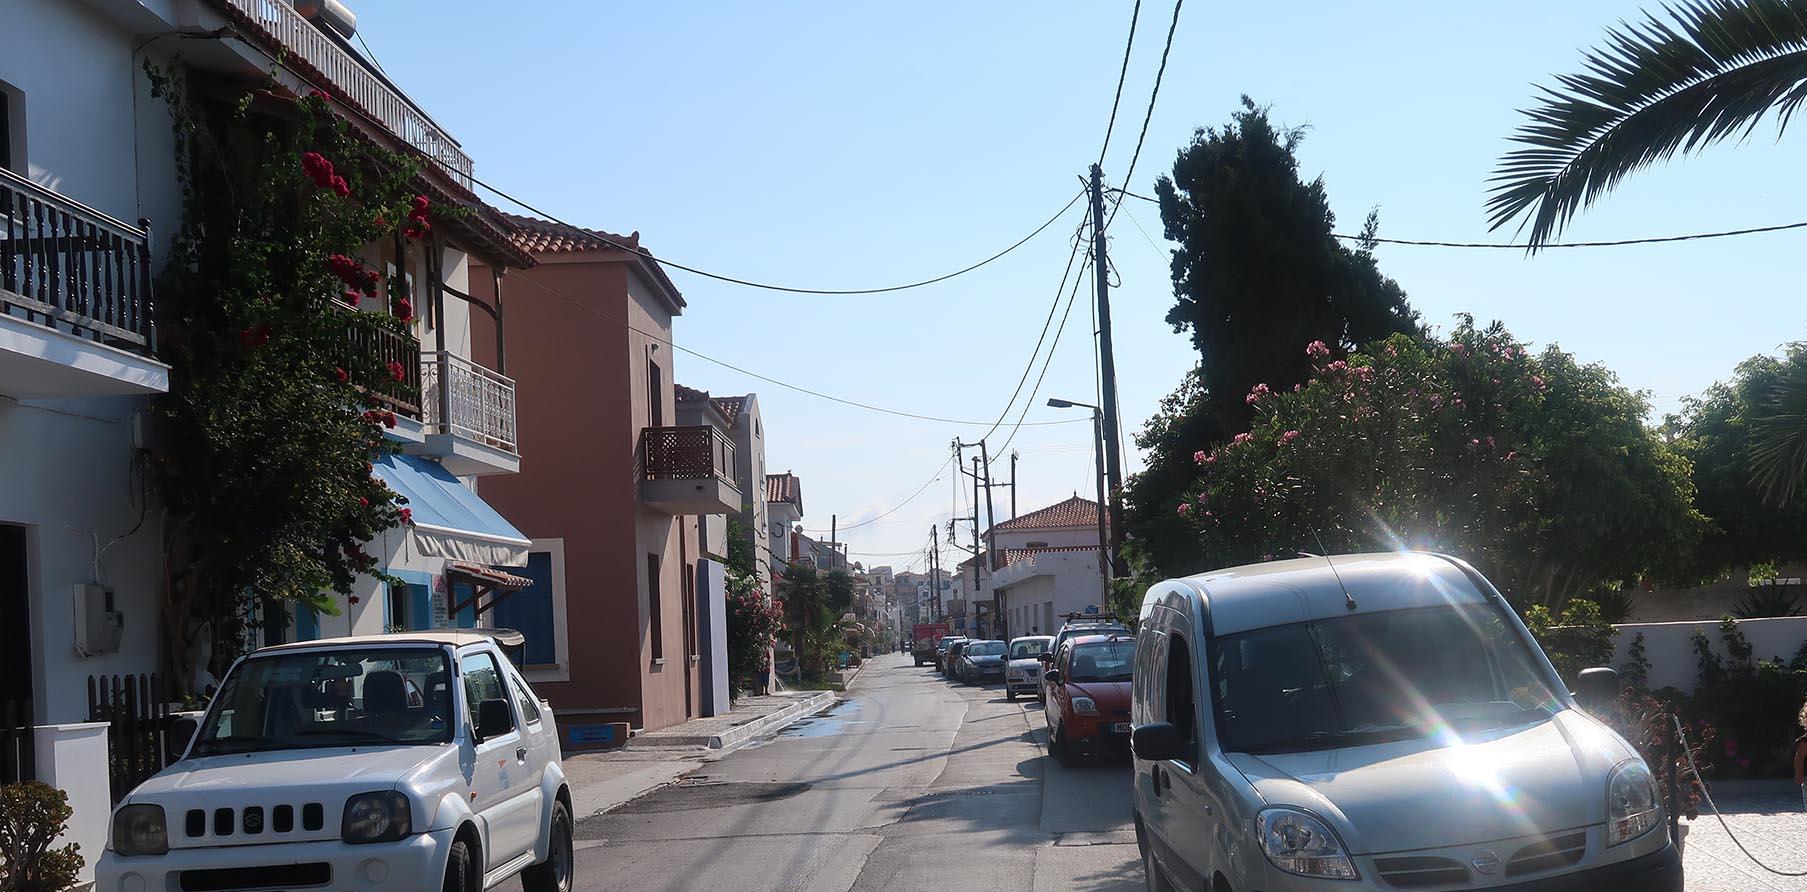 Längst bort i bild, ca 800 meter, ligger byns centrum.